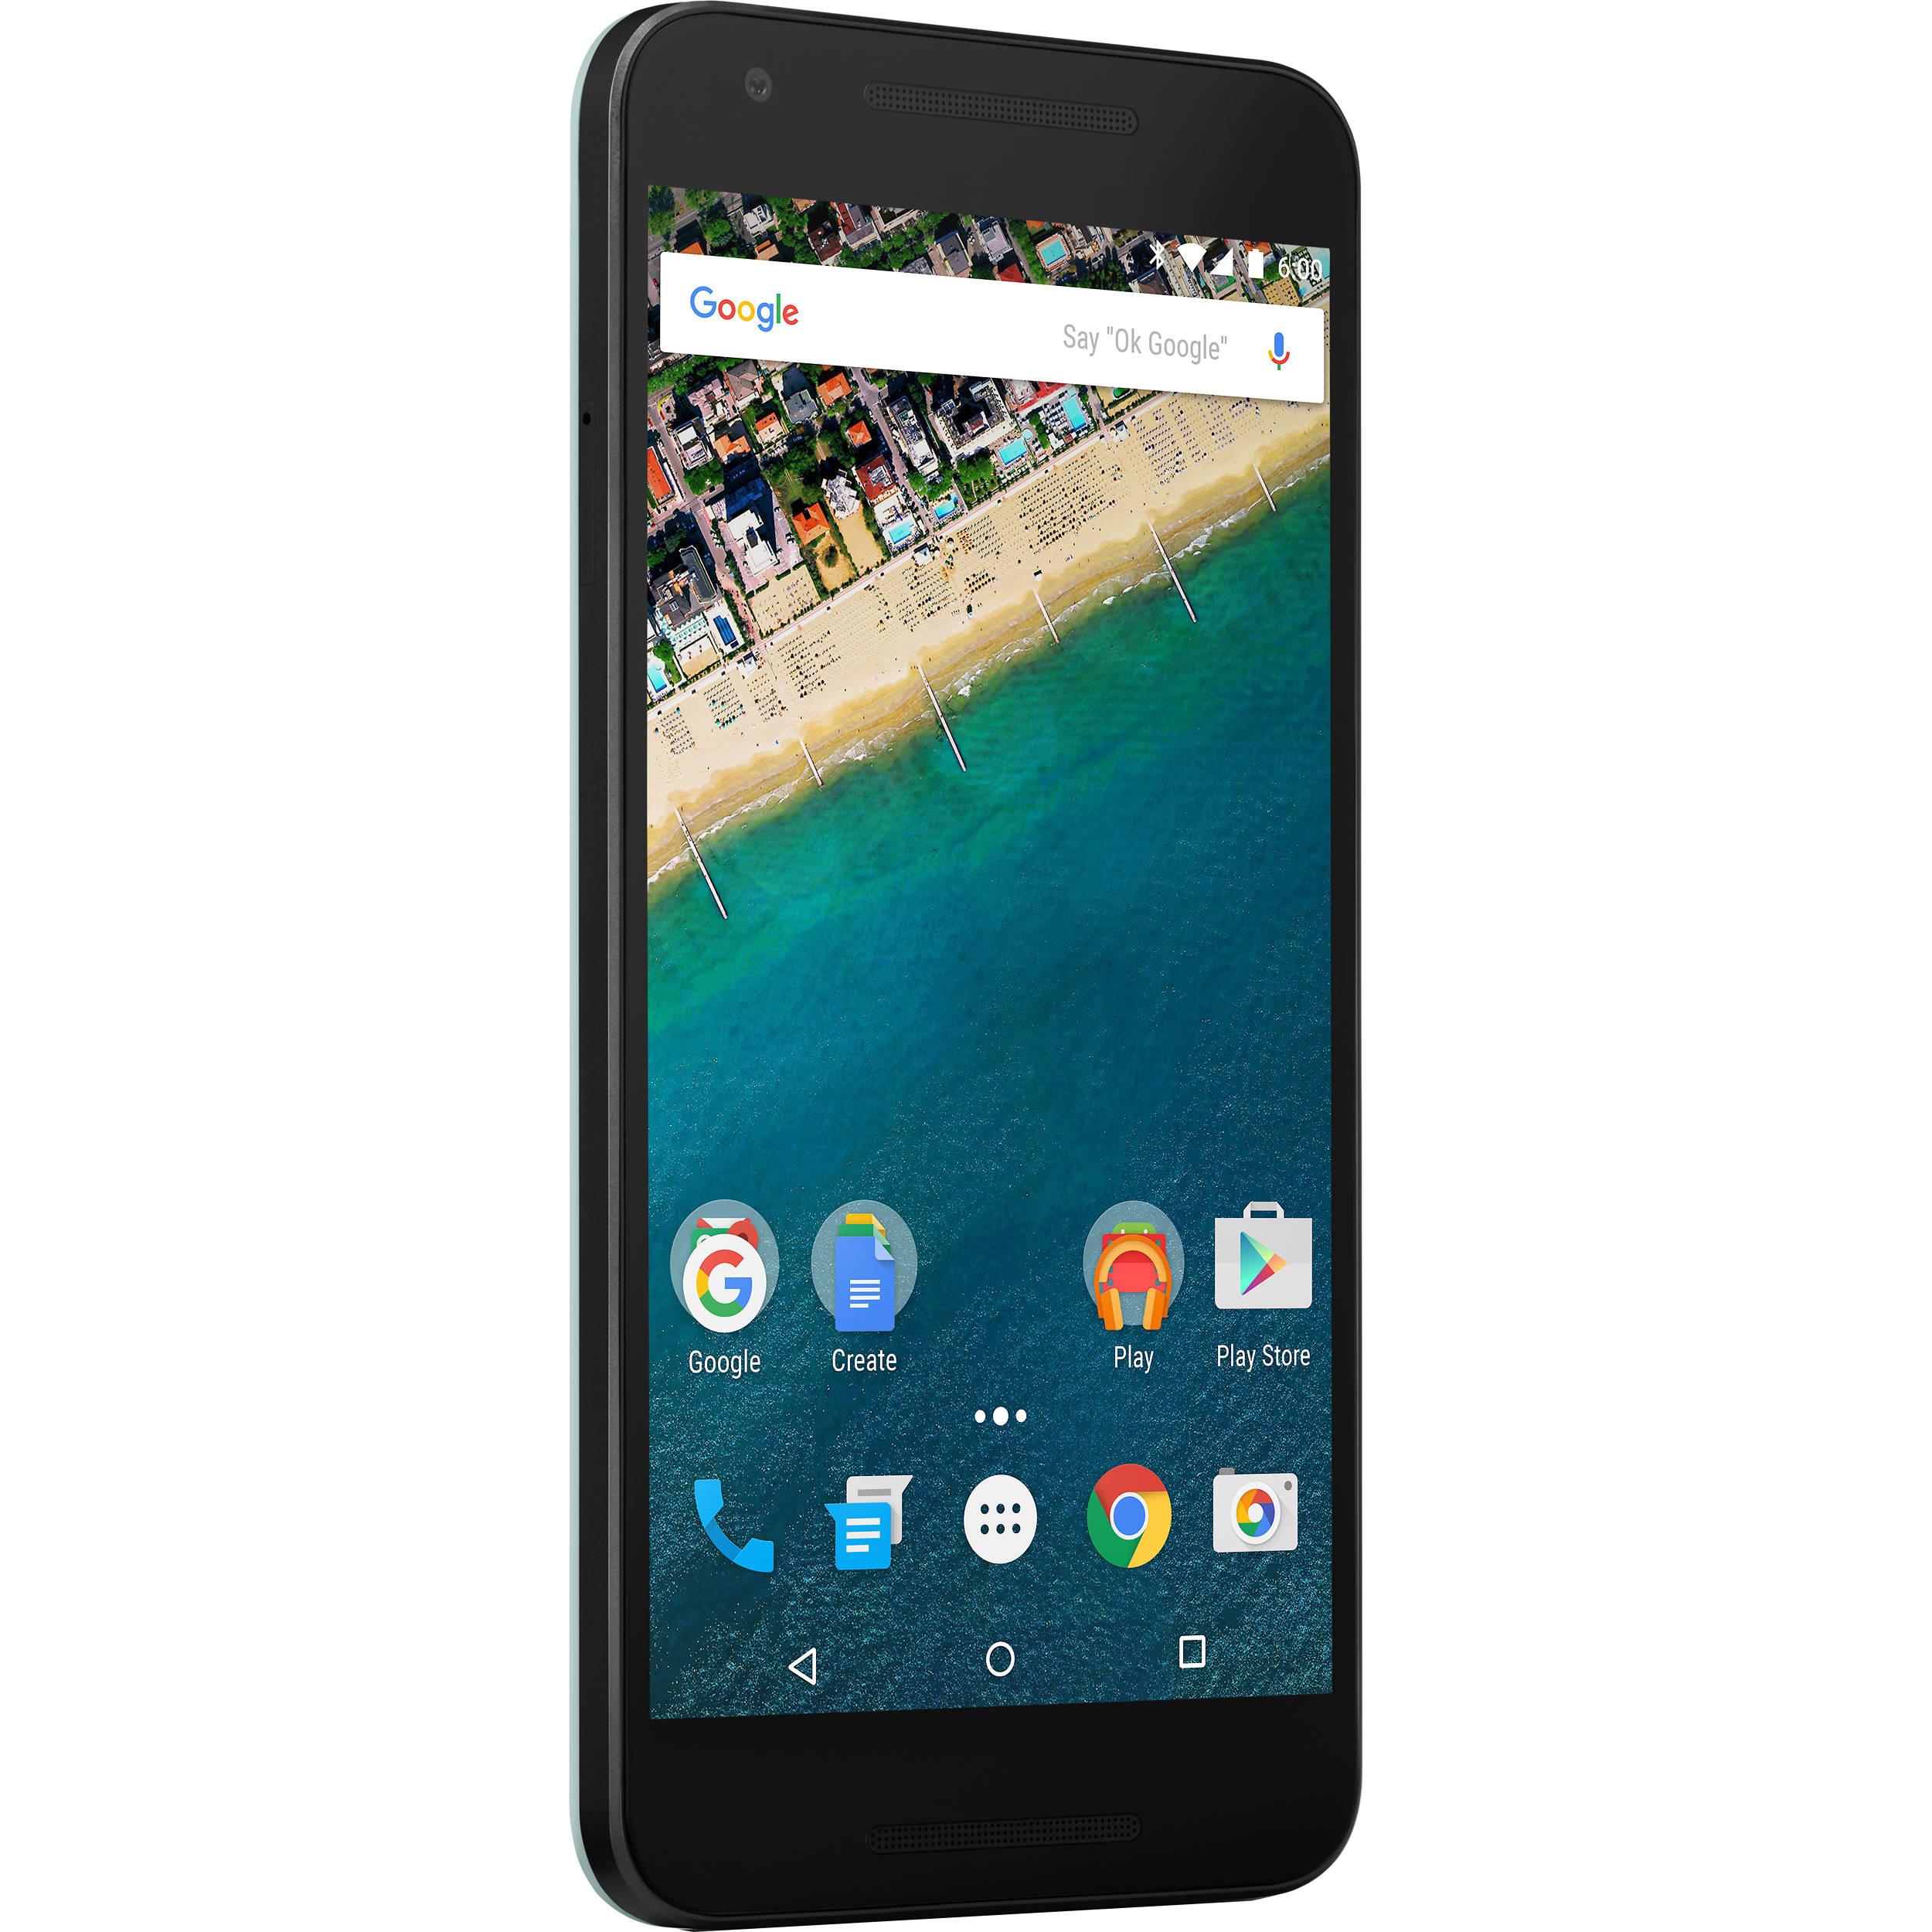 LG Google Nexus 5X 16GB Smartphone (Unlocked, Mint